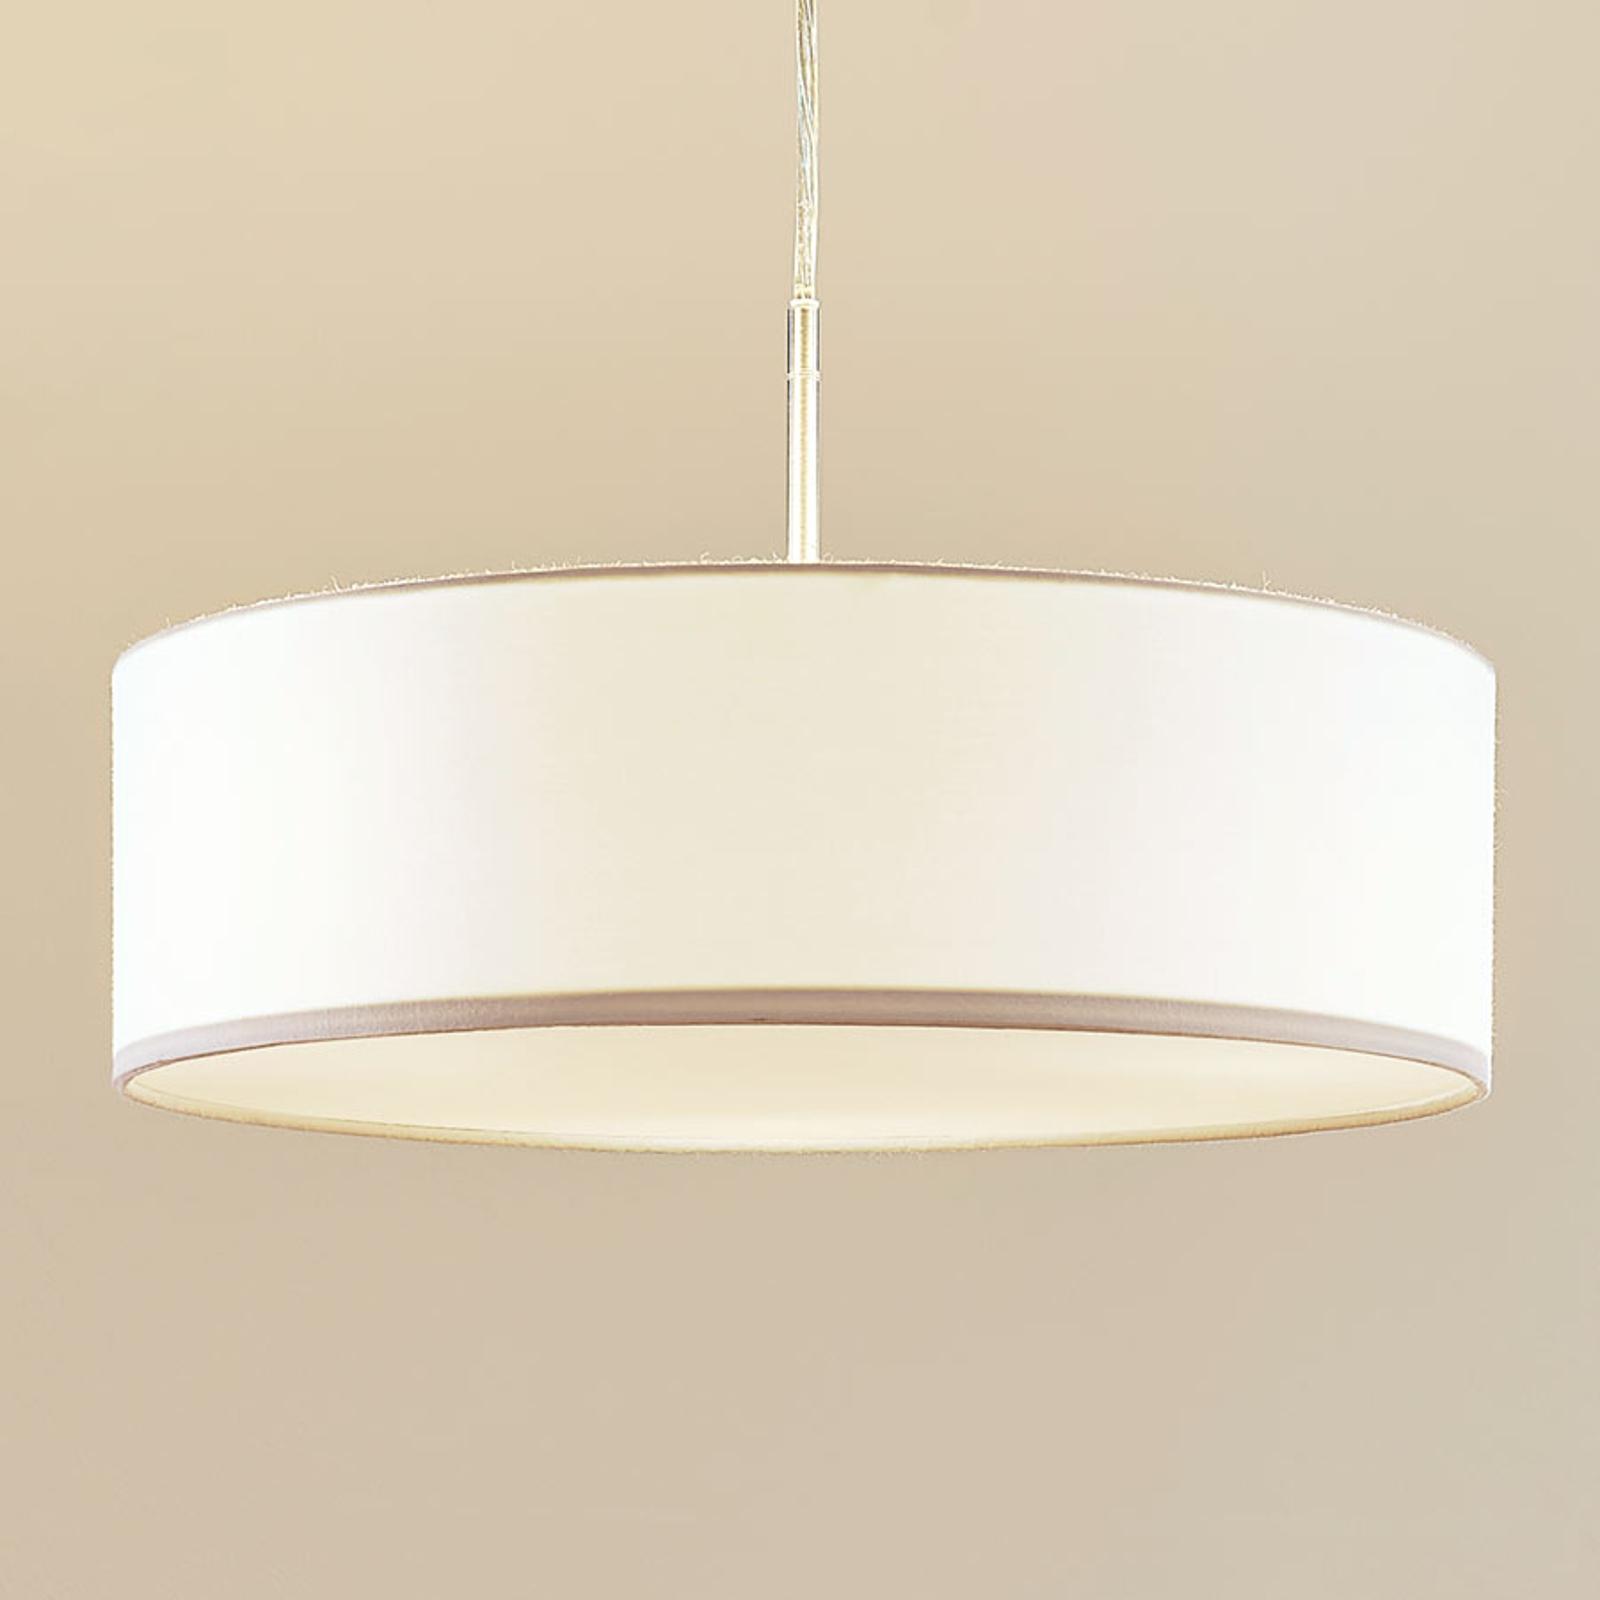 Lámpara suspendidaSebatin de tela blanca